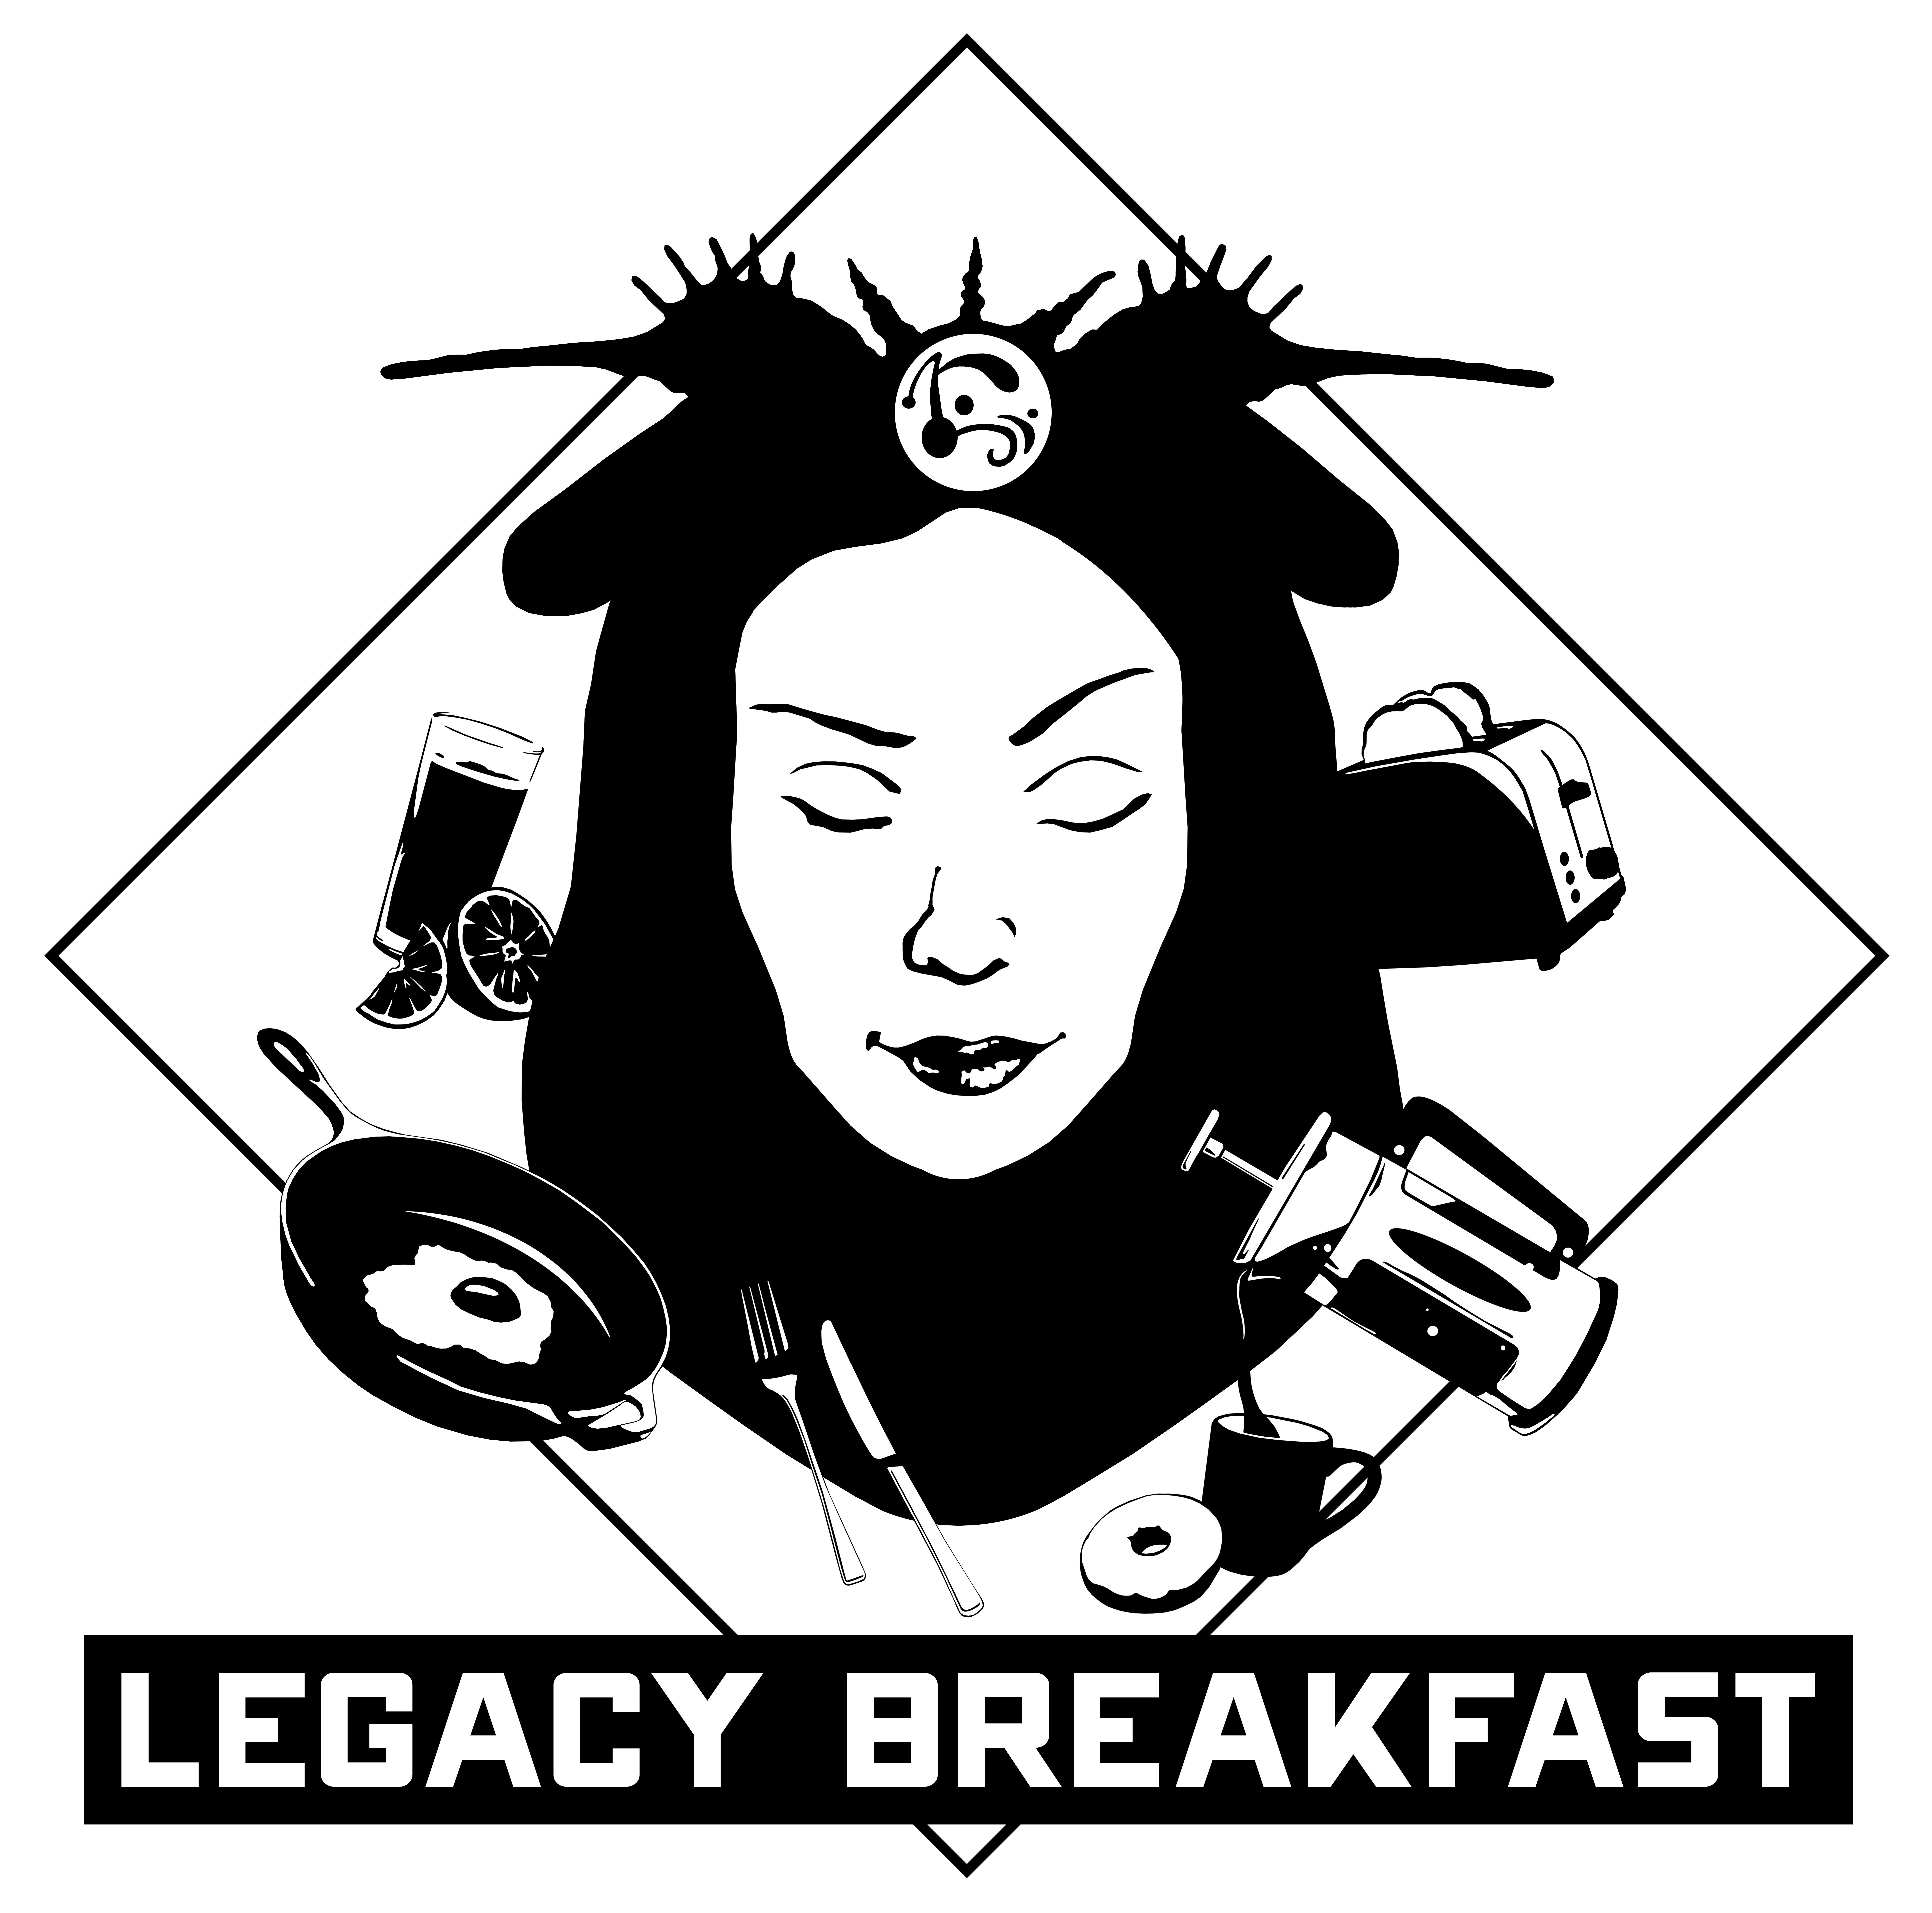 legacy breakfast logo.jpg